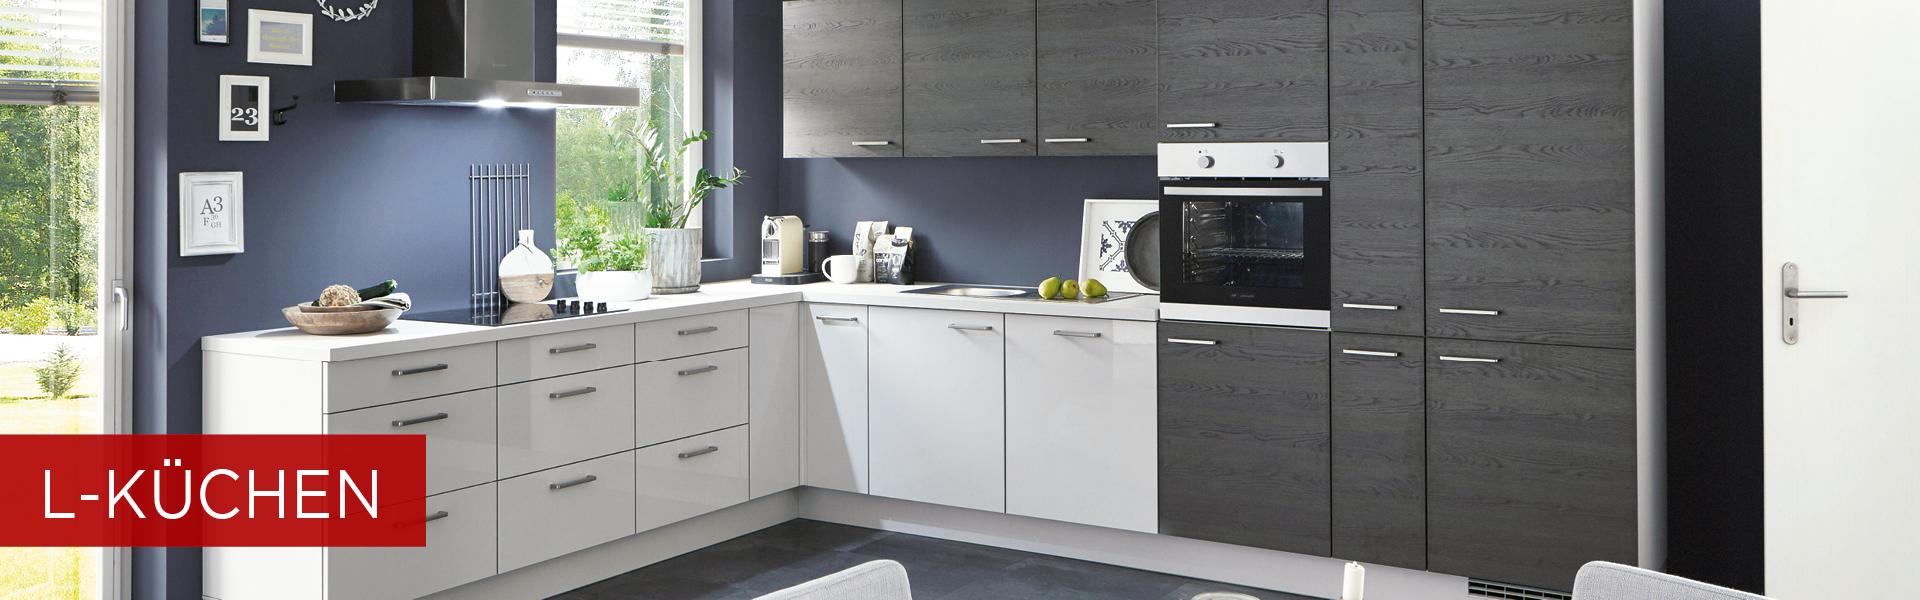 Full Size of Küche L Form Gebraucht Küche L Form Mit Insel Landhaus Küche L Form Küche L Form Modern Küche Küche L Form